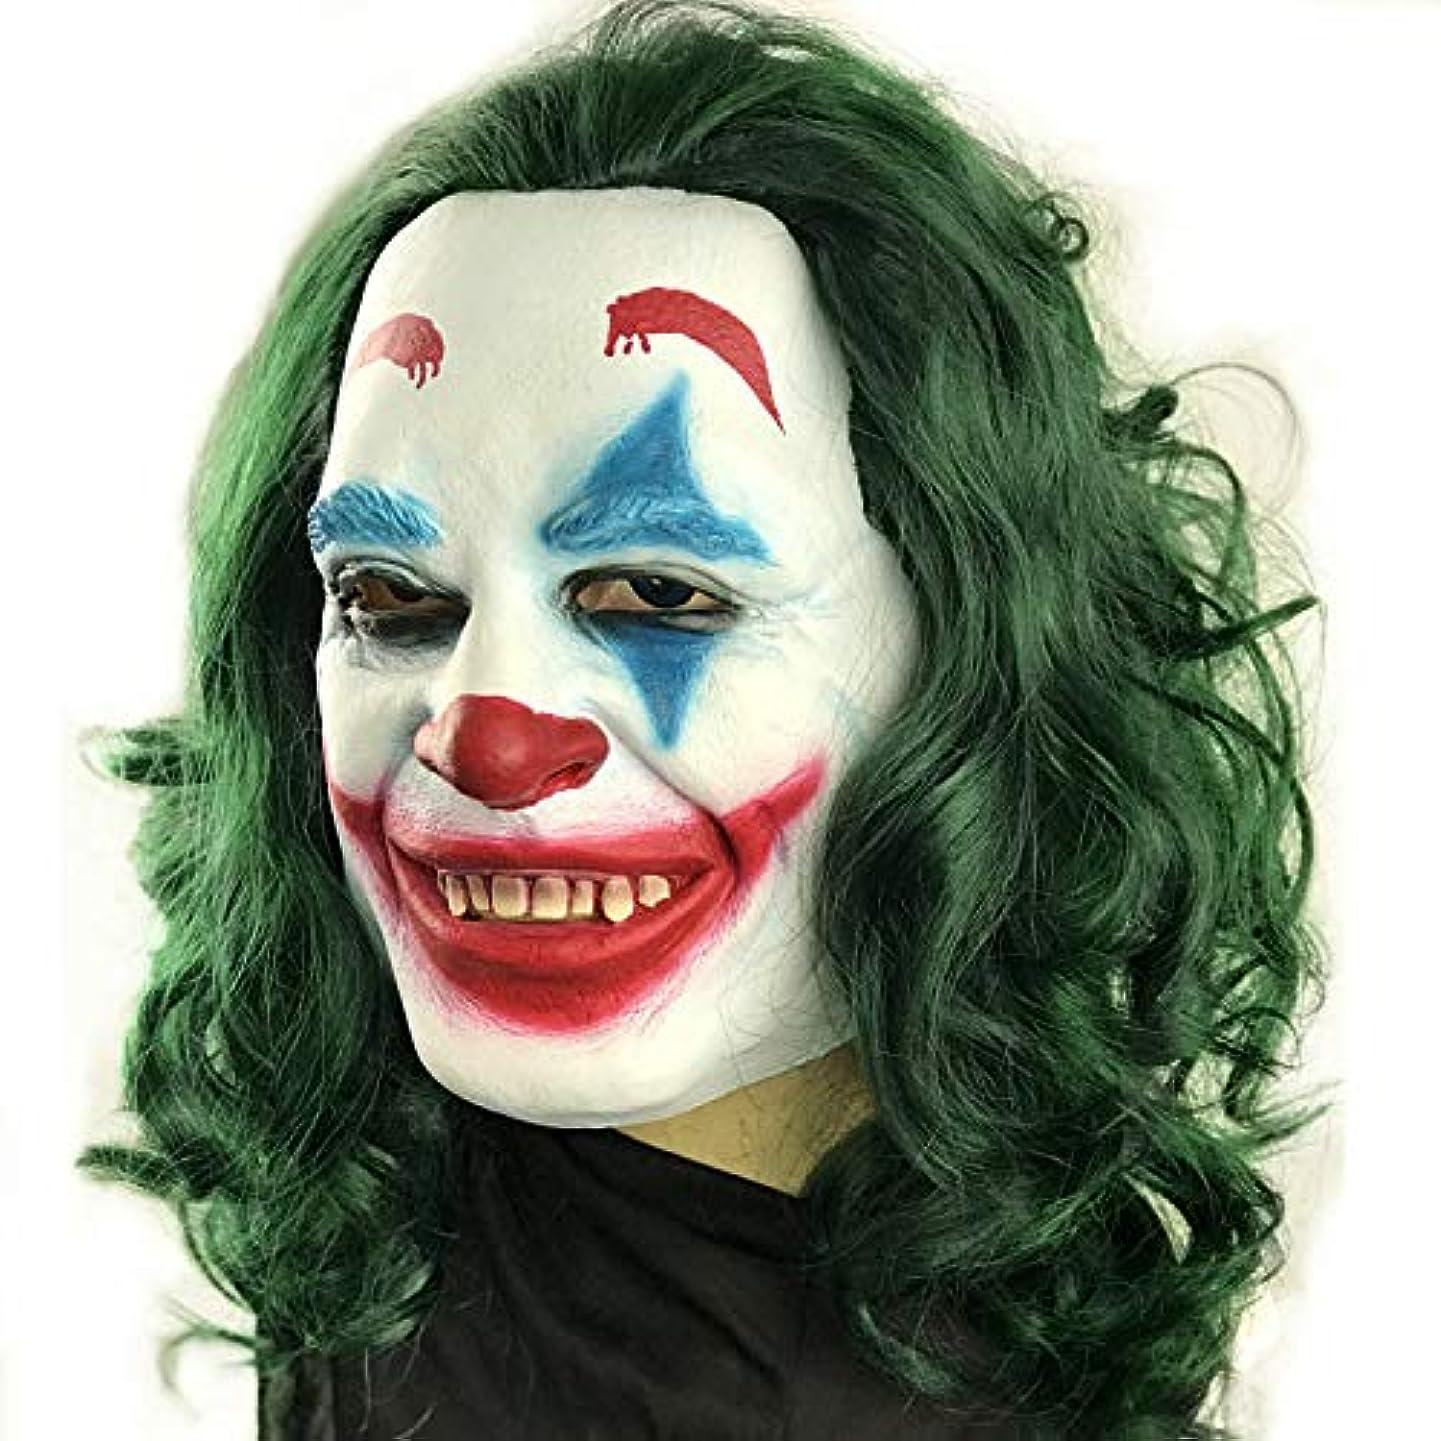 防止ぜいたく娯楽ハロウィン黒と白ピエロマスク/なりすましホラーマスクプロムパフォーマンスショードレスアップ小道具ピエロマスク